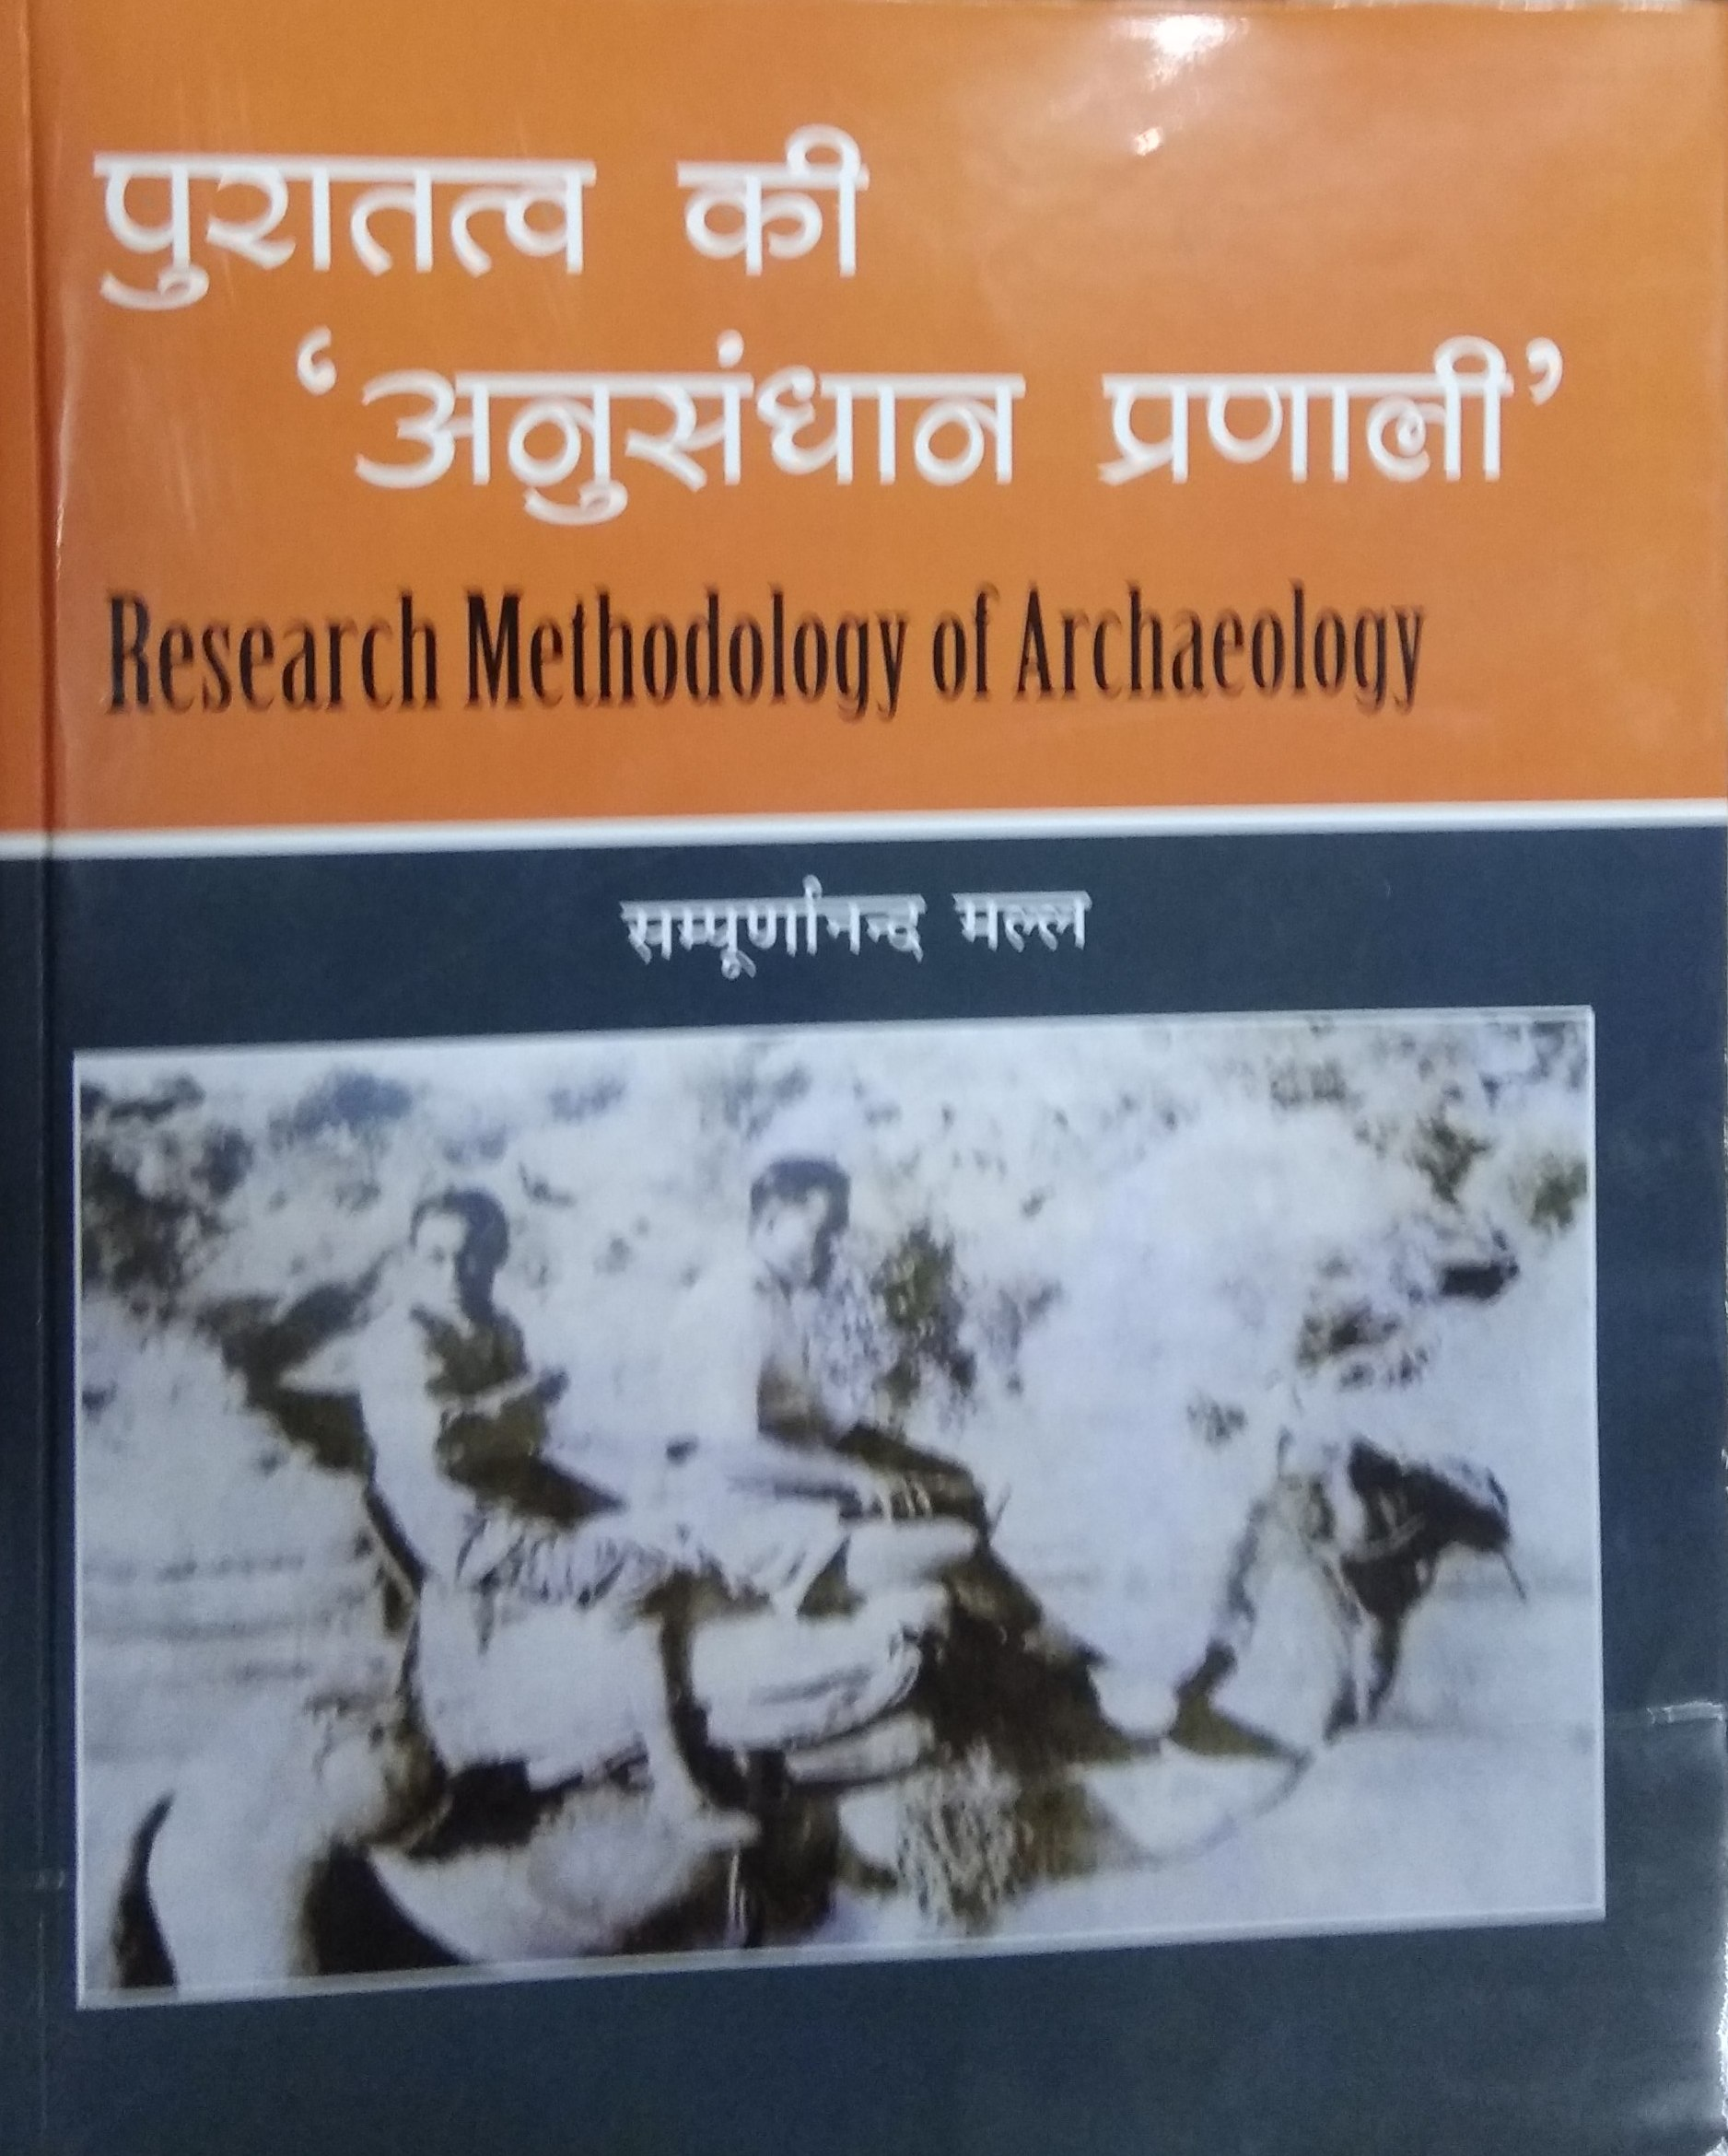 Puratattva ki Anusandhan Pranali (Research Methodo…